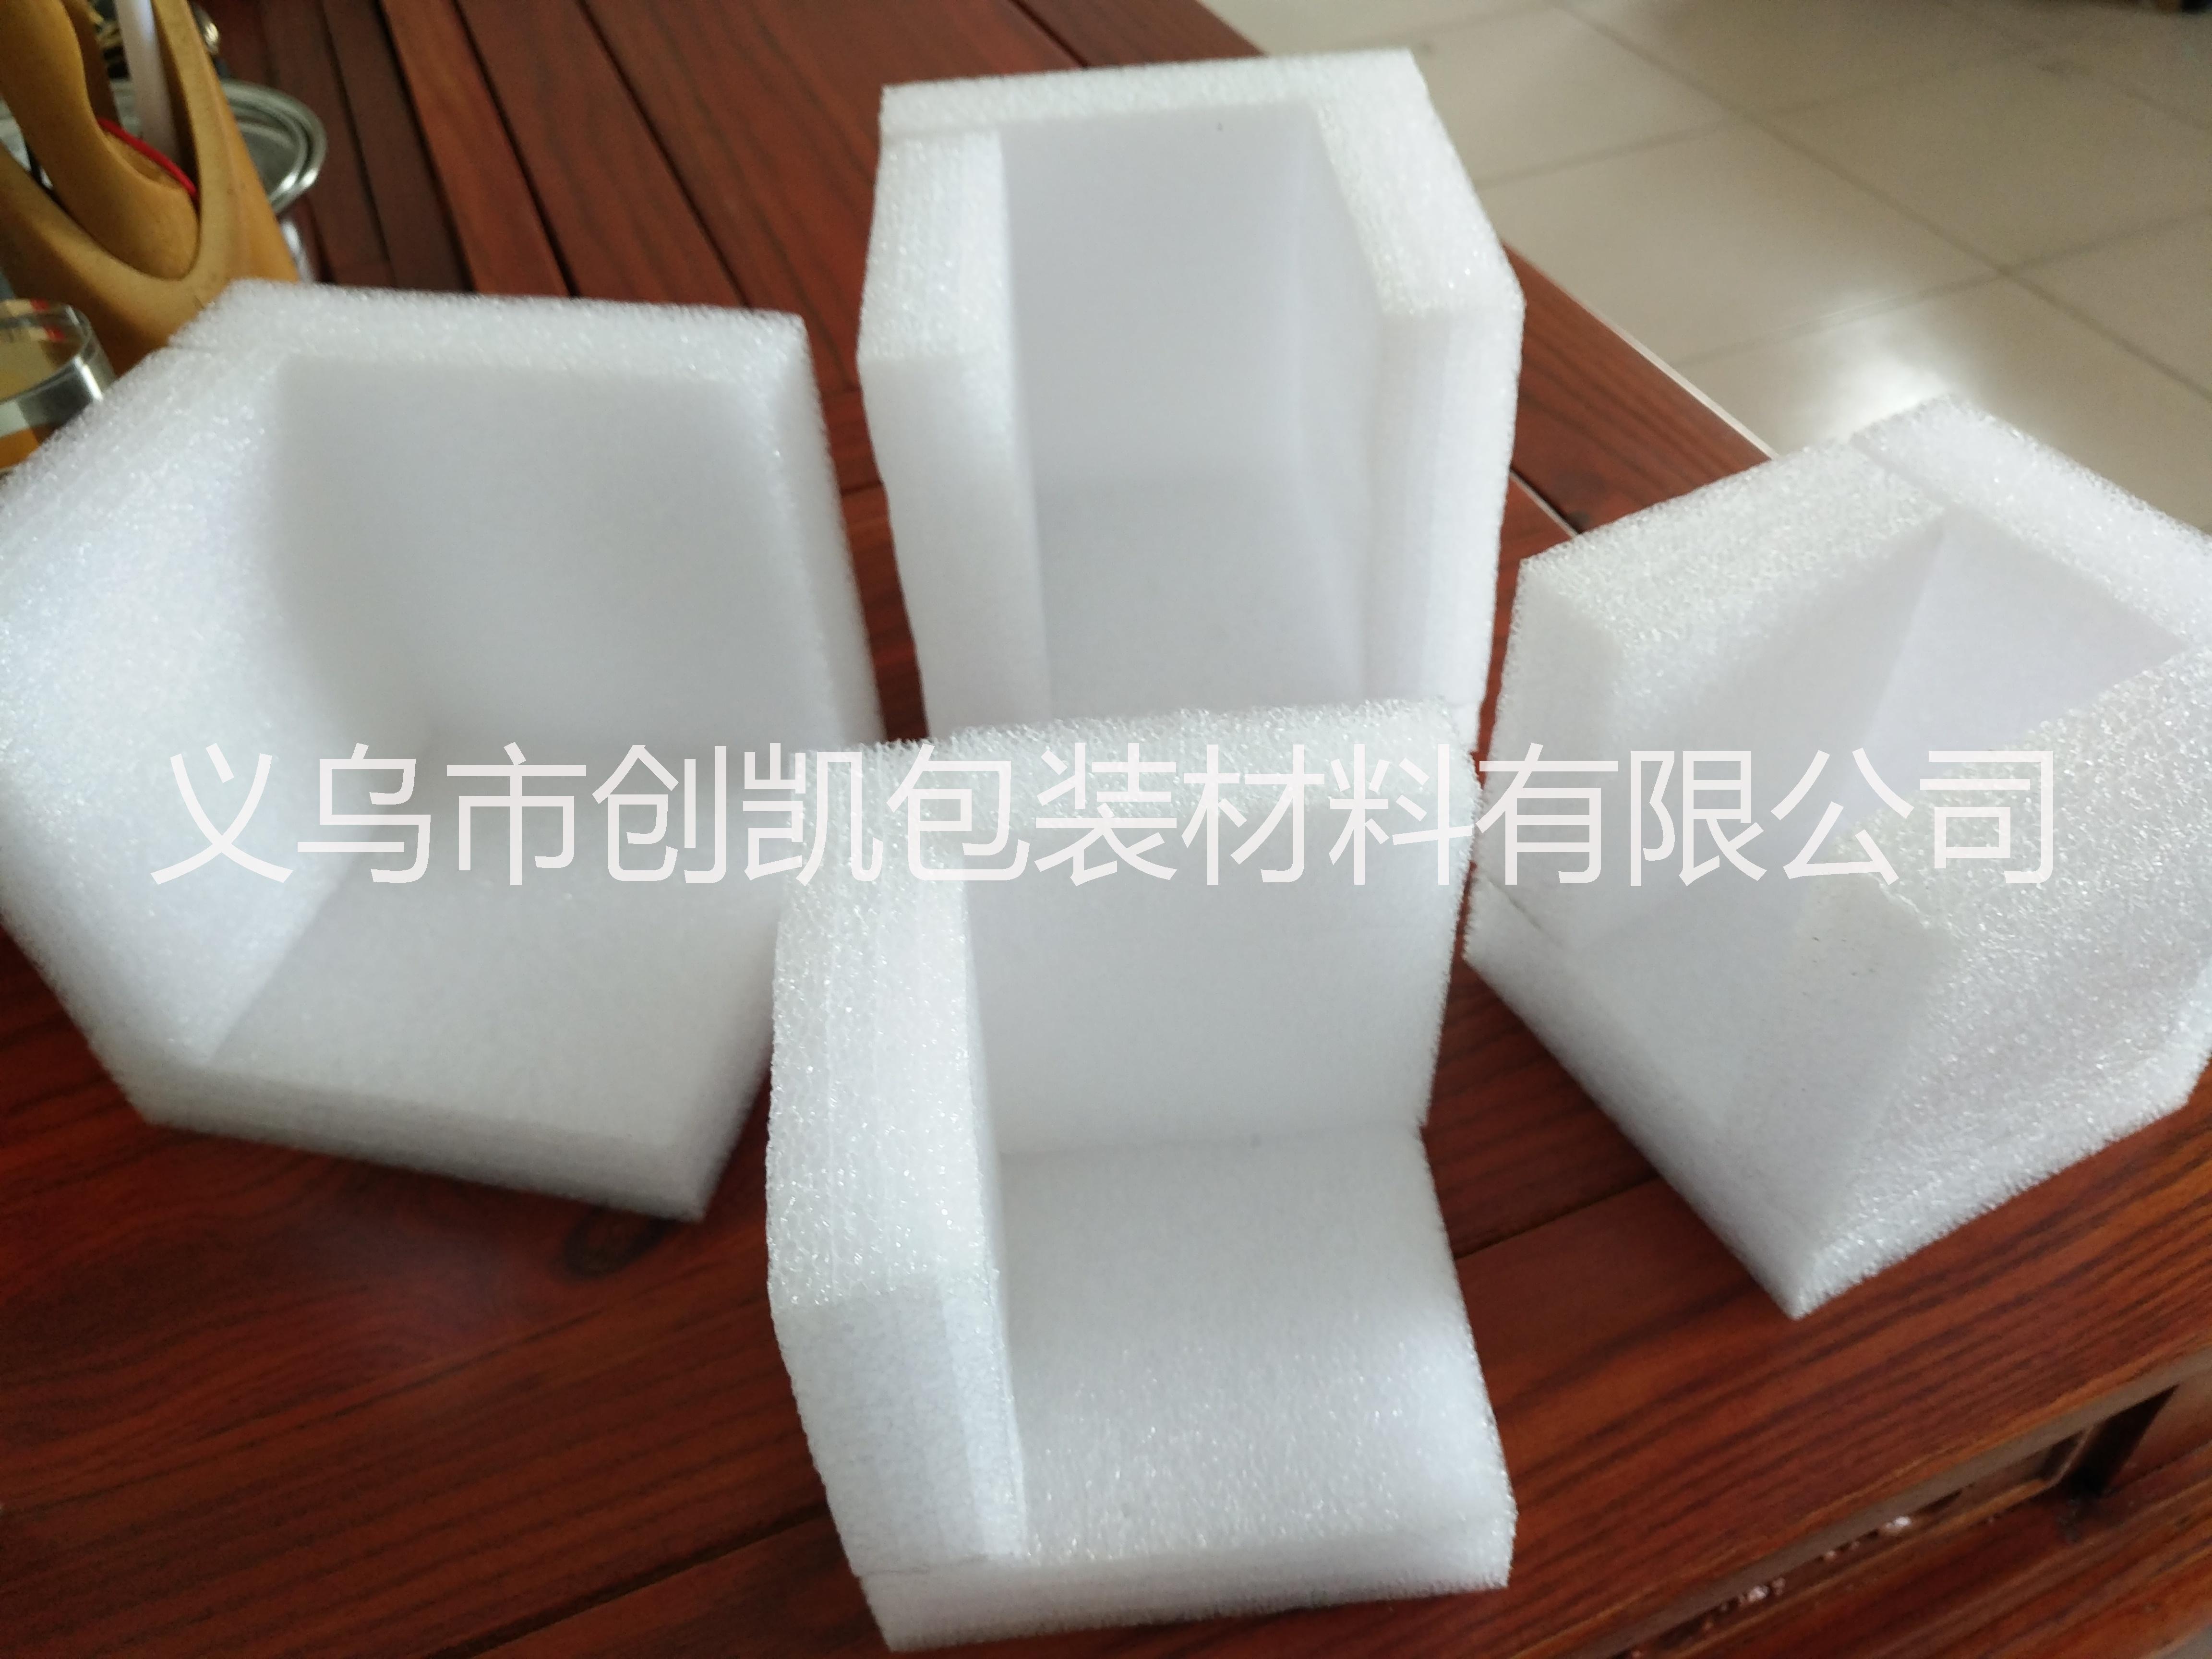 义乌珍珠棉 义乌珍珠棉卷材 义乌珍珠棉板材 义乌市创凯包装材料有限公司